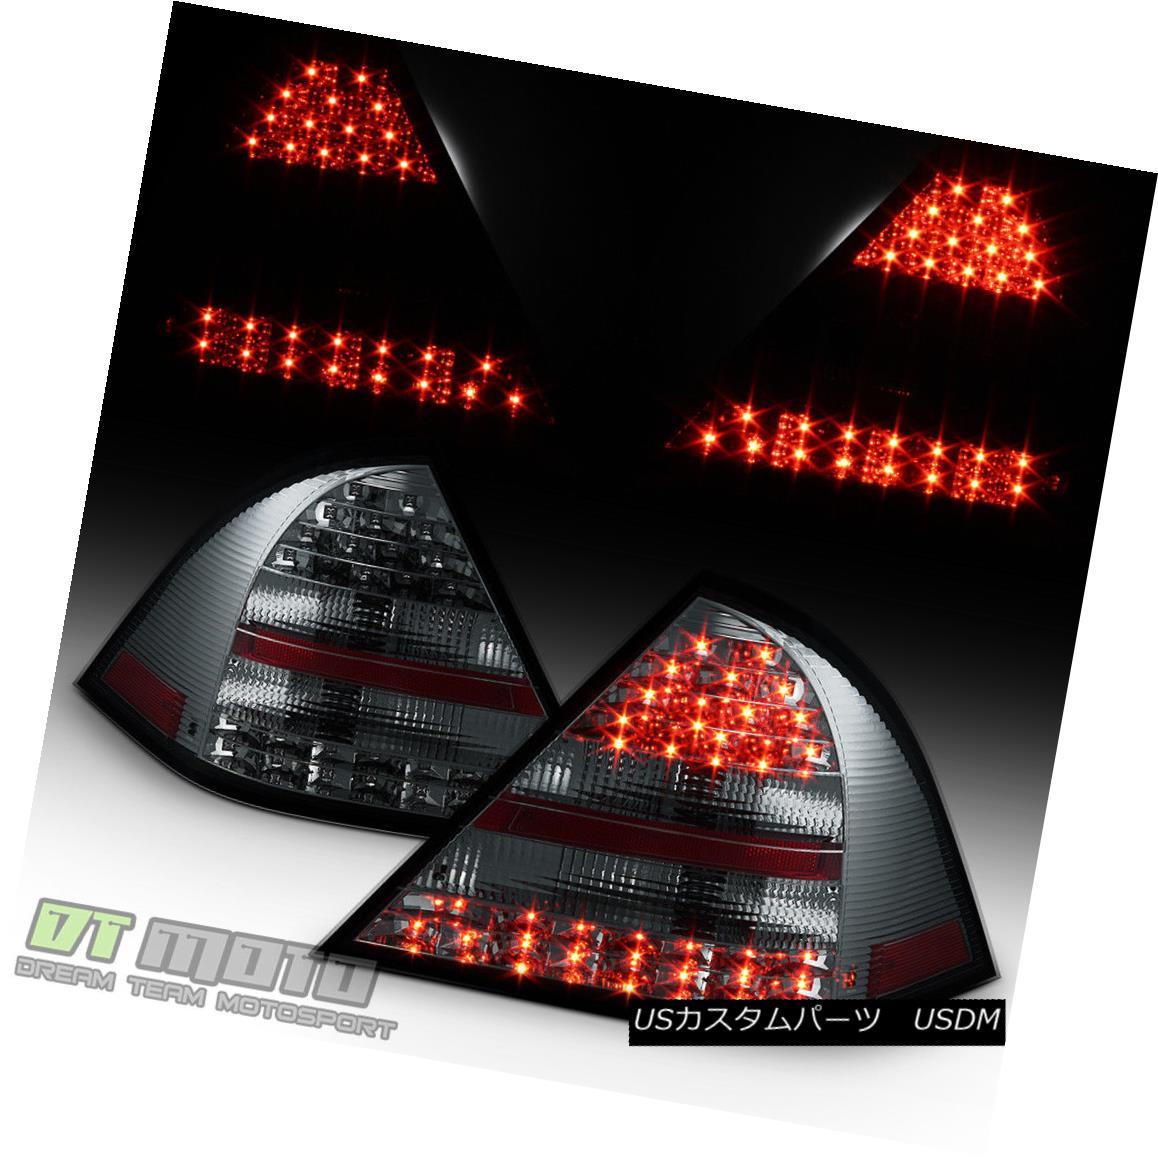 テールライト Smoked 2001-2004 Mercedes Benz W203 C-Class Philips-Lumileds LED Tail Lights スモーク2001-2004メルセデスベンツW203 CクラスPhilips-Lumile ds LEDテールライト